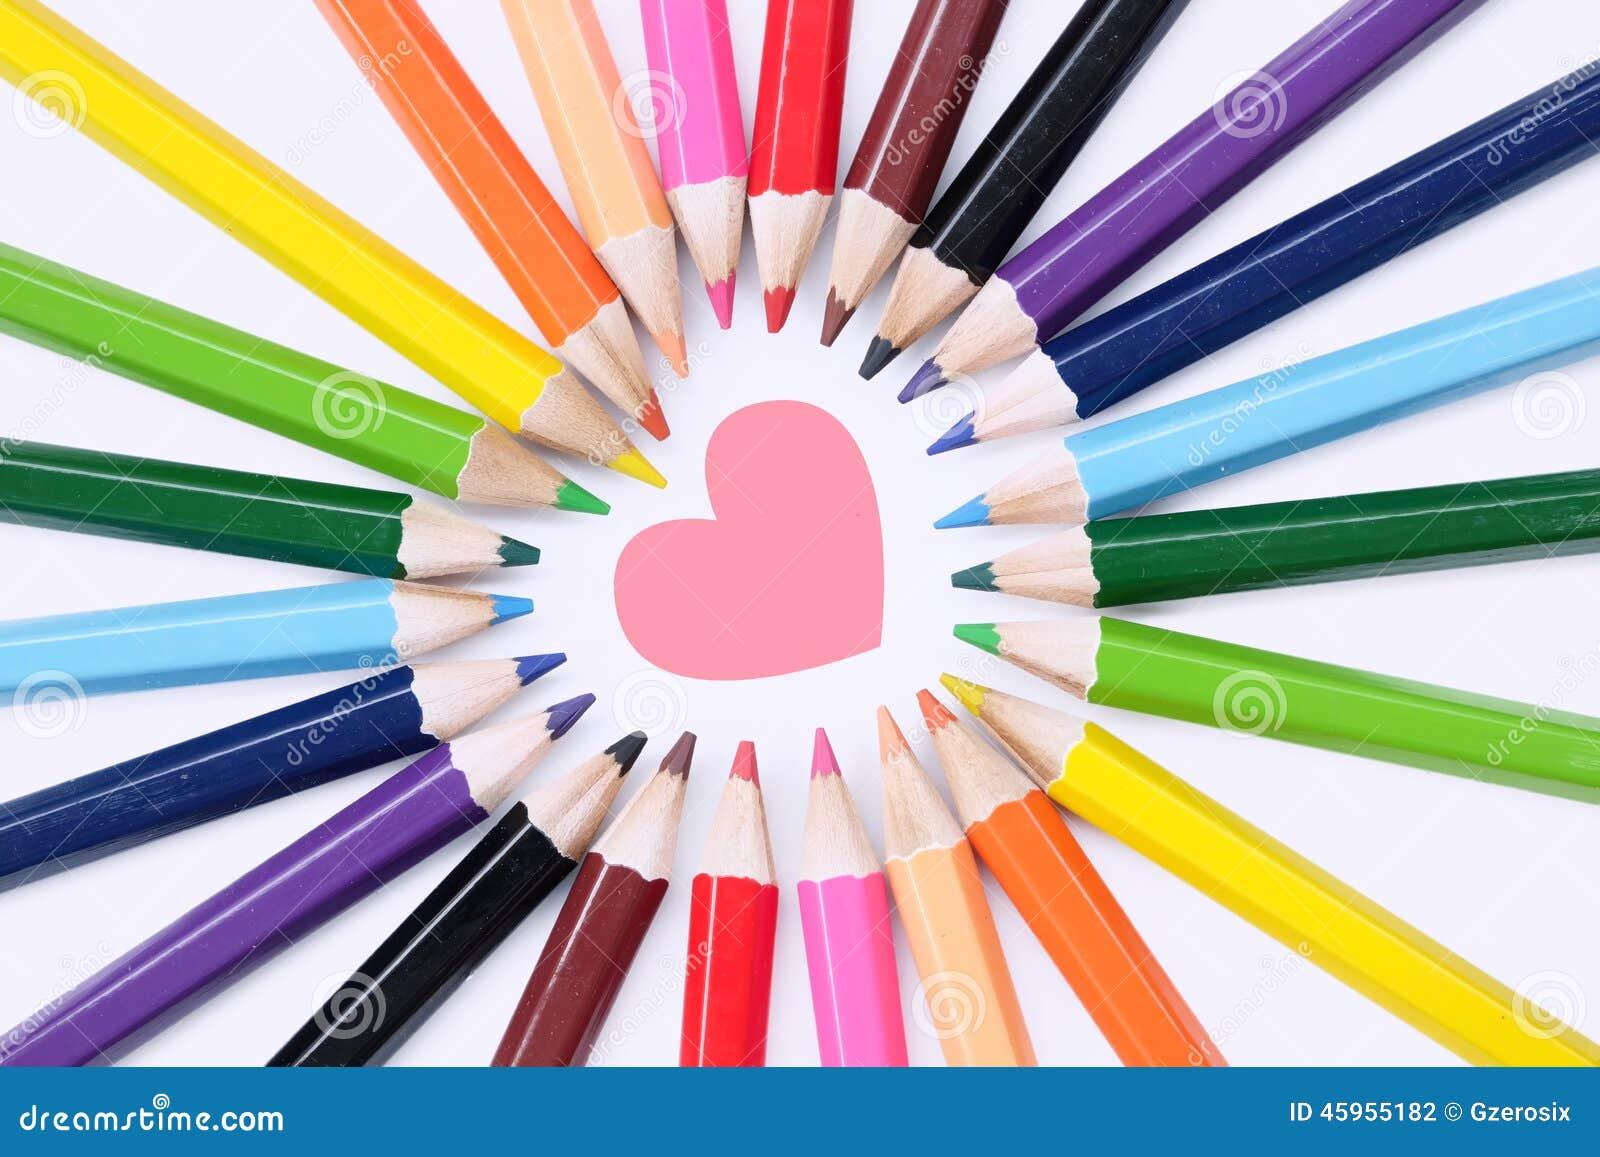 Love pencil